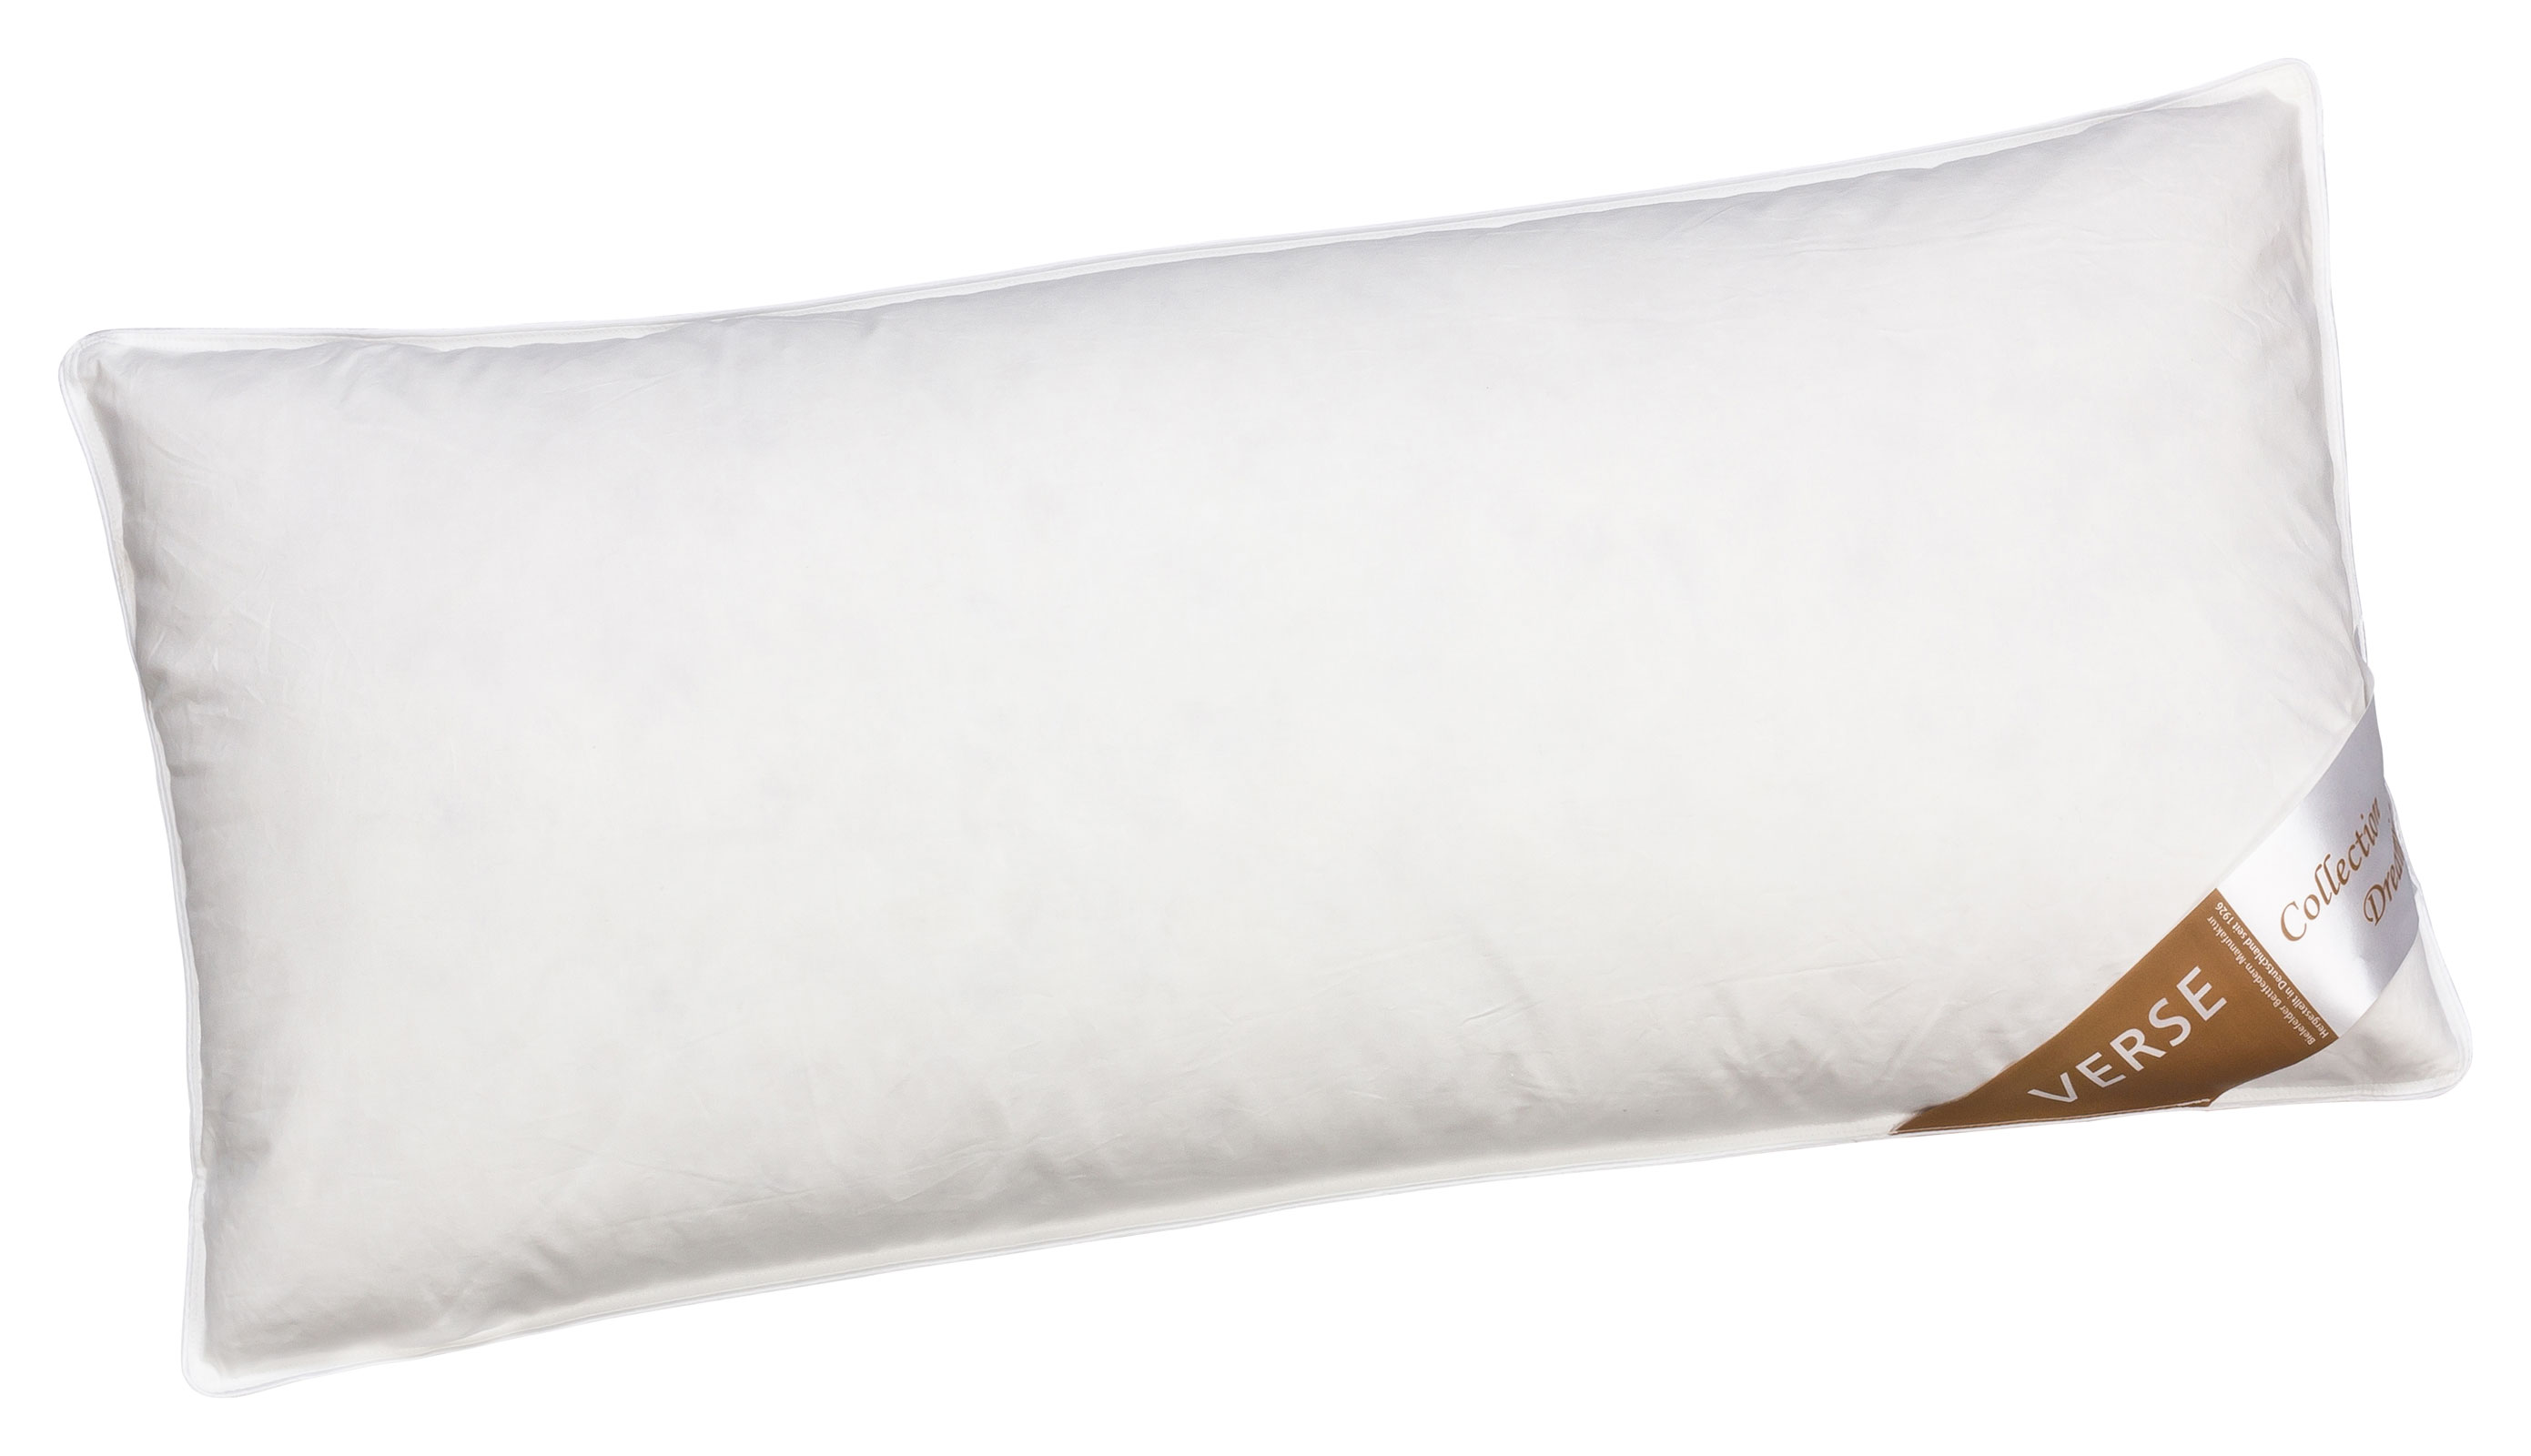 Bettdecken und Kopfkissen - Kopfkissen Daunen Kissen 40x80 extra fest 750g 90 Federn 10 Daunen Verse Collection Dreaming  - Onlineshop PremiumShop321